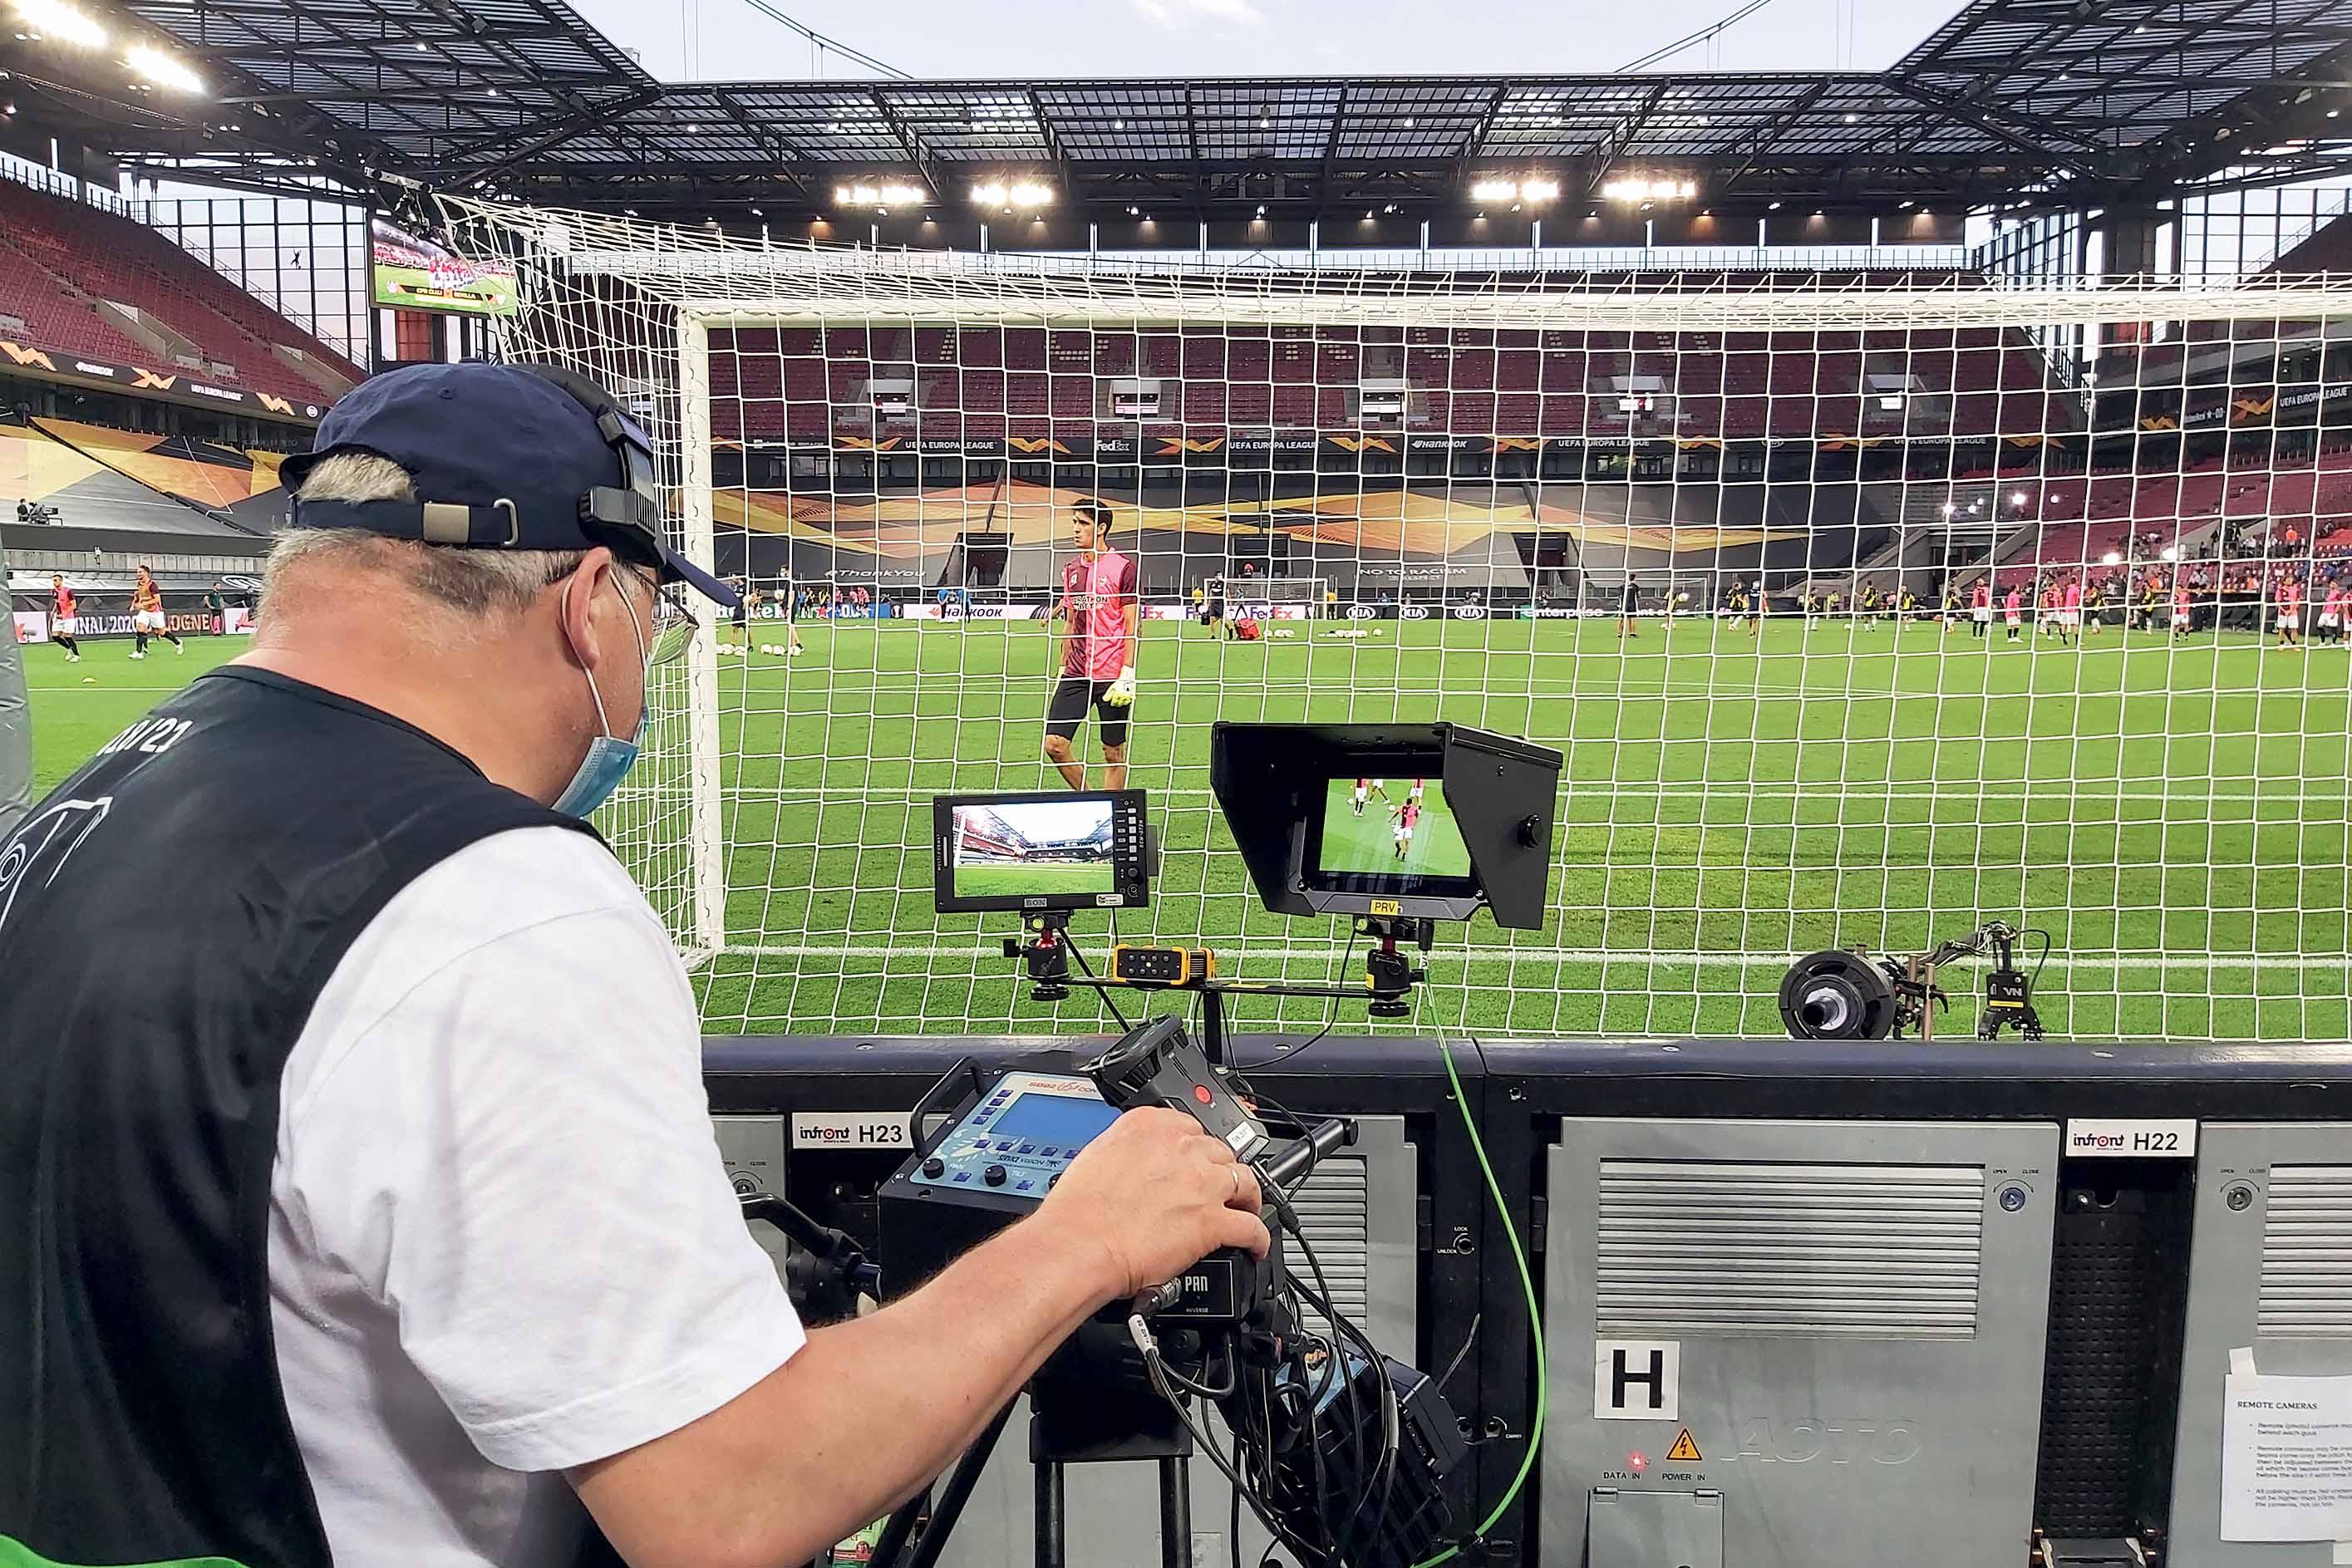 Wenn der zwölfte Mann fehlt: Fans müssen zu Hause bleiben – umso wichtiger ist die Liveübertragung der Fußballspiele, die TVN auch unter schwierigsten Bedingungen gewährleistet.